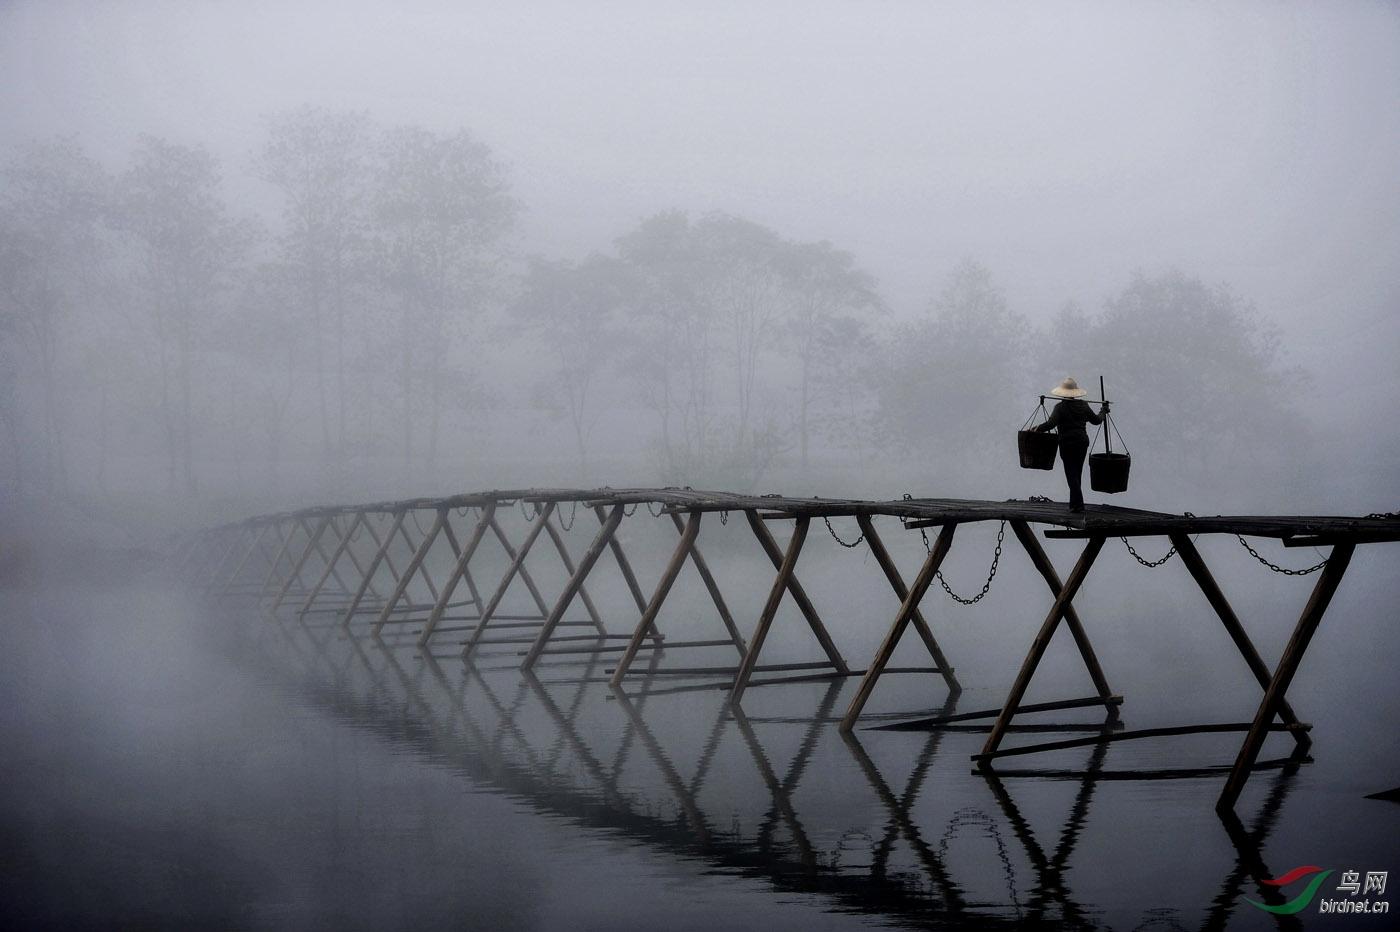 015.桥.jpg